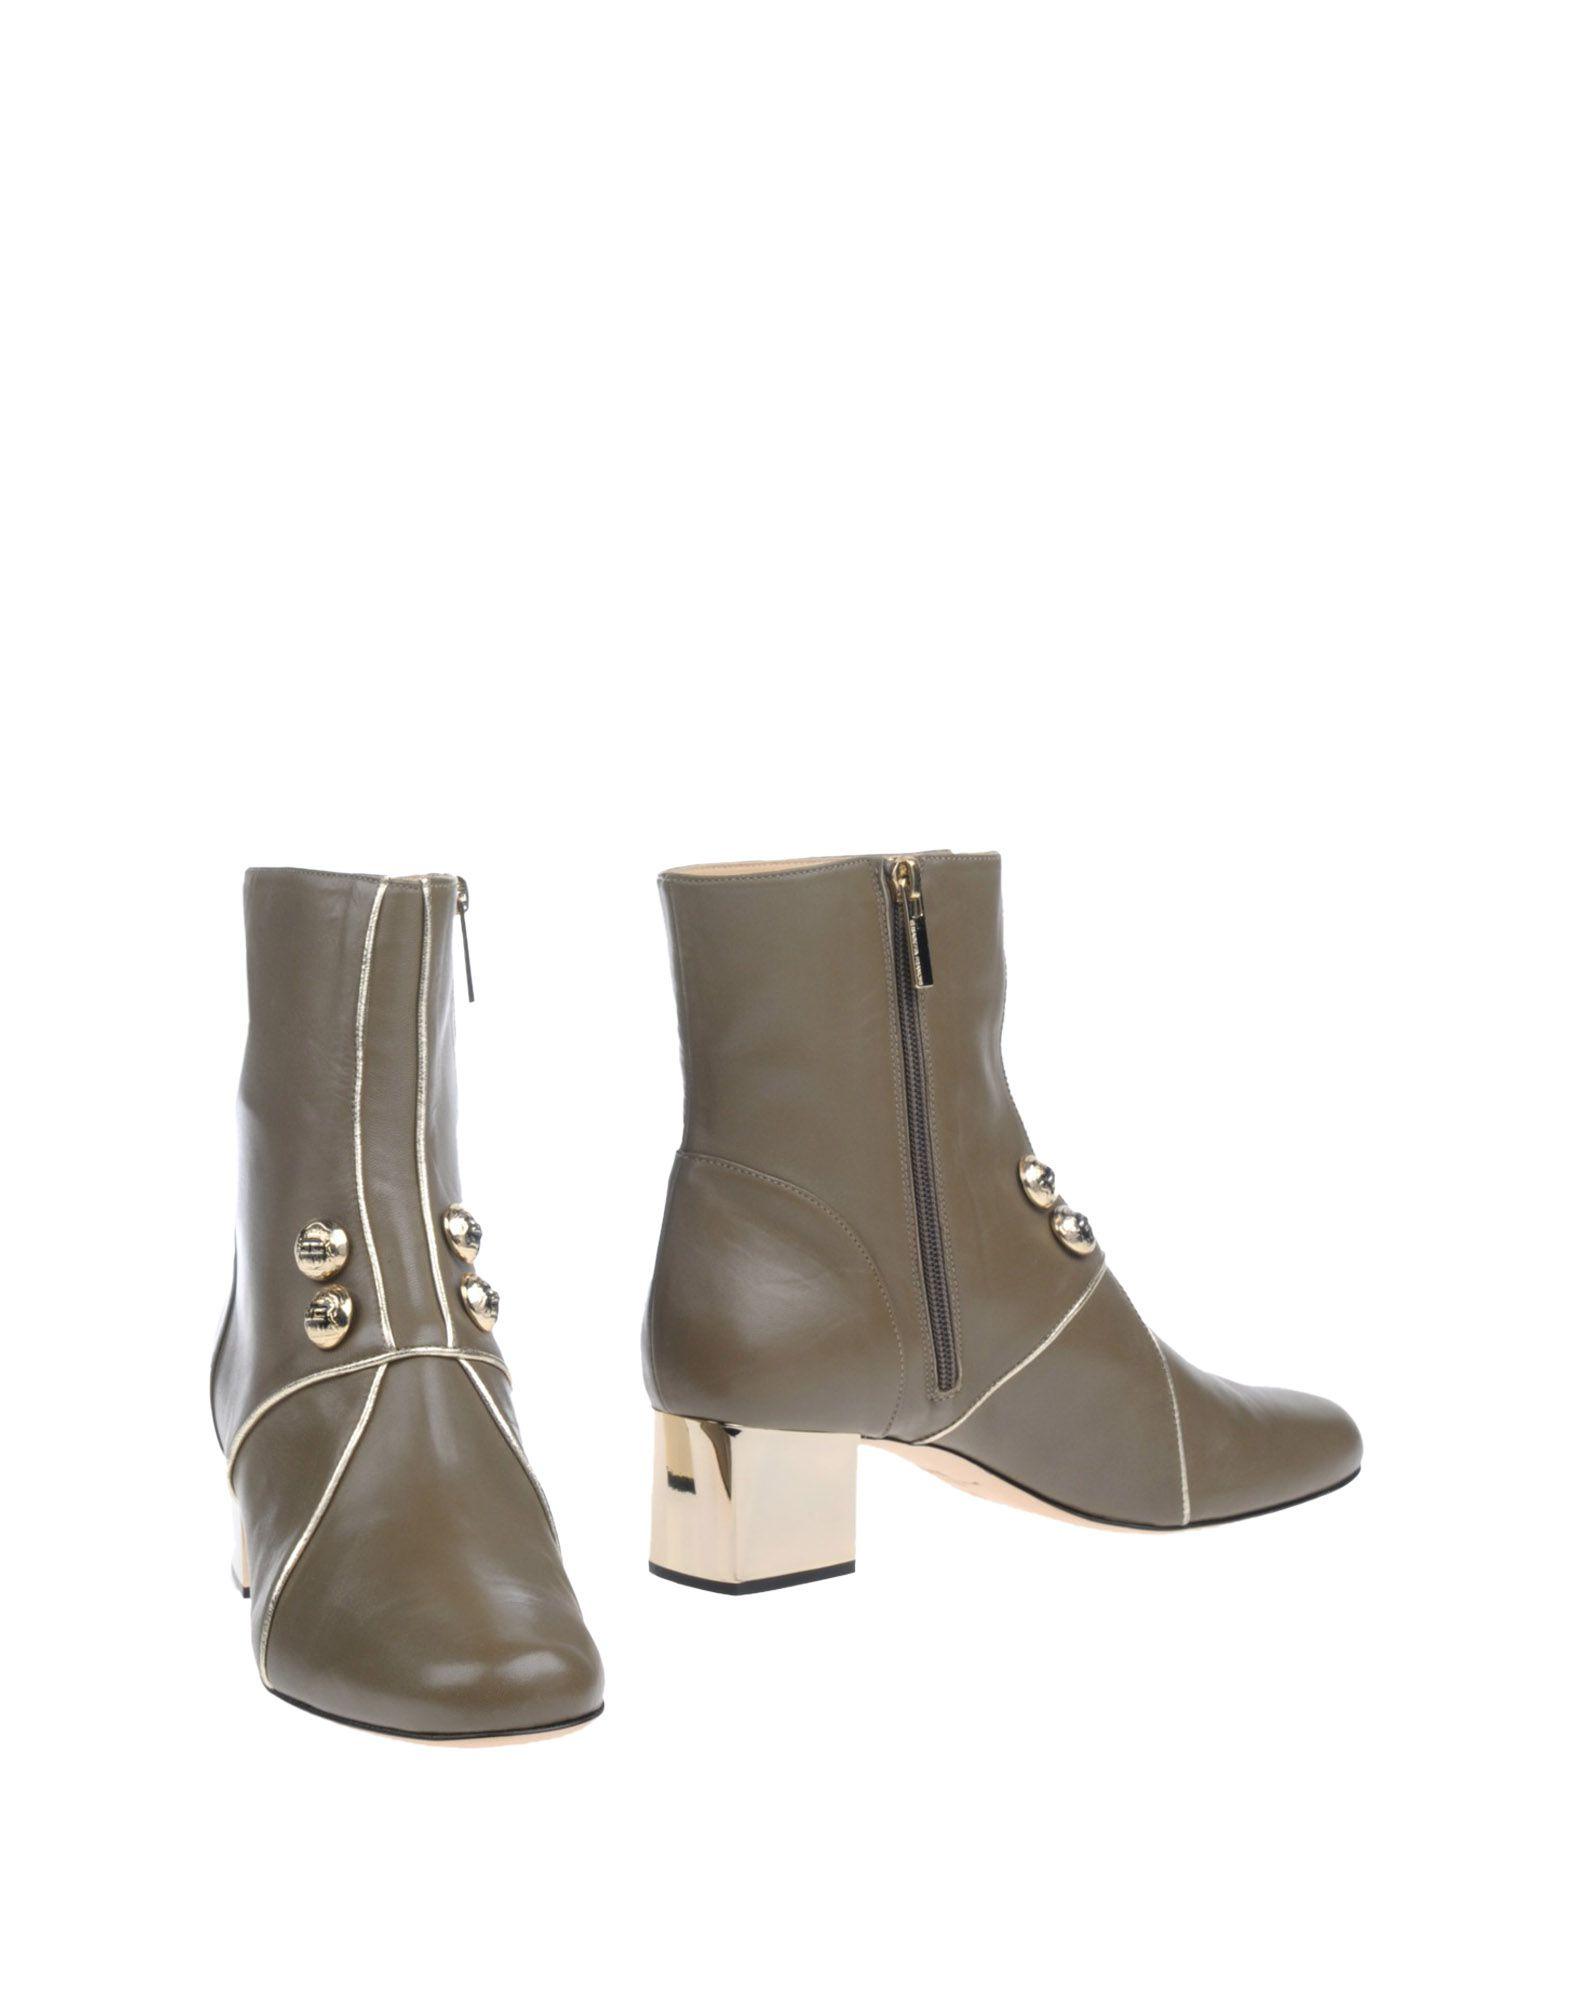 Rabatt Stiefelette Schuhe Elisabetta Franchi Stiefelette Rabatt Damen  11293383NN 07712f